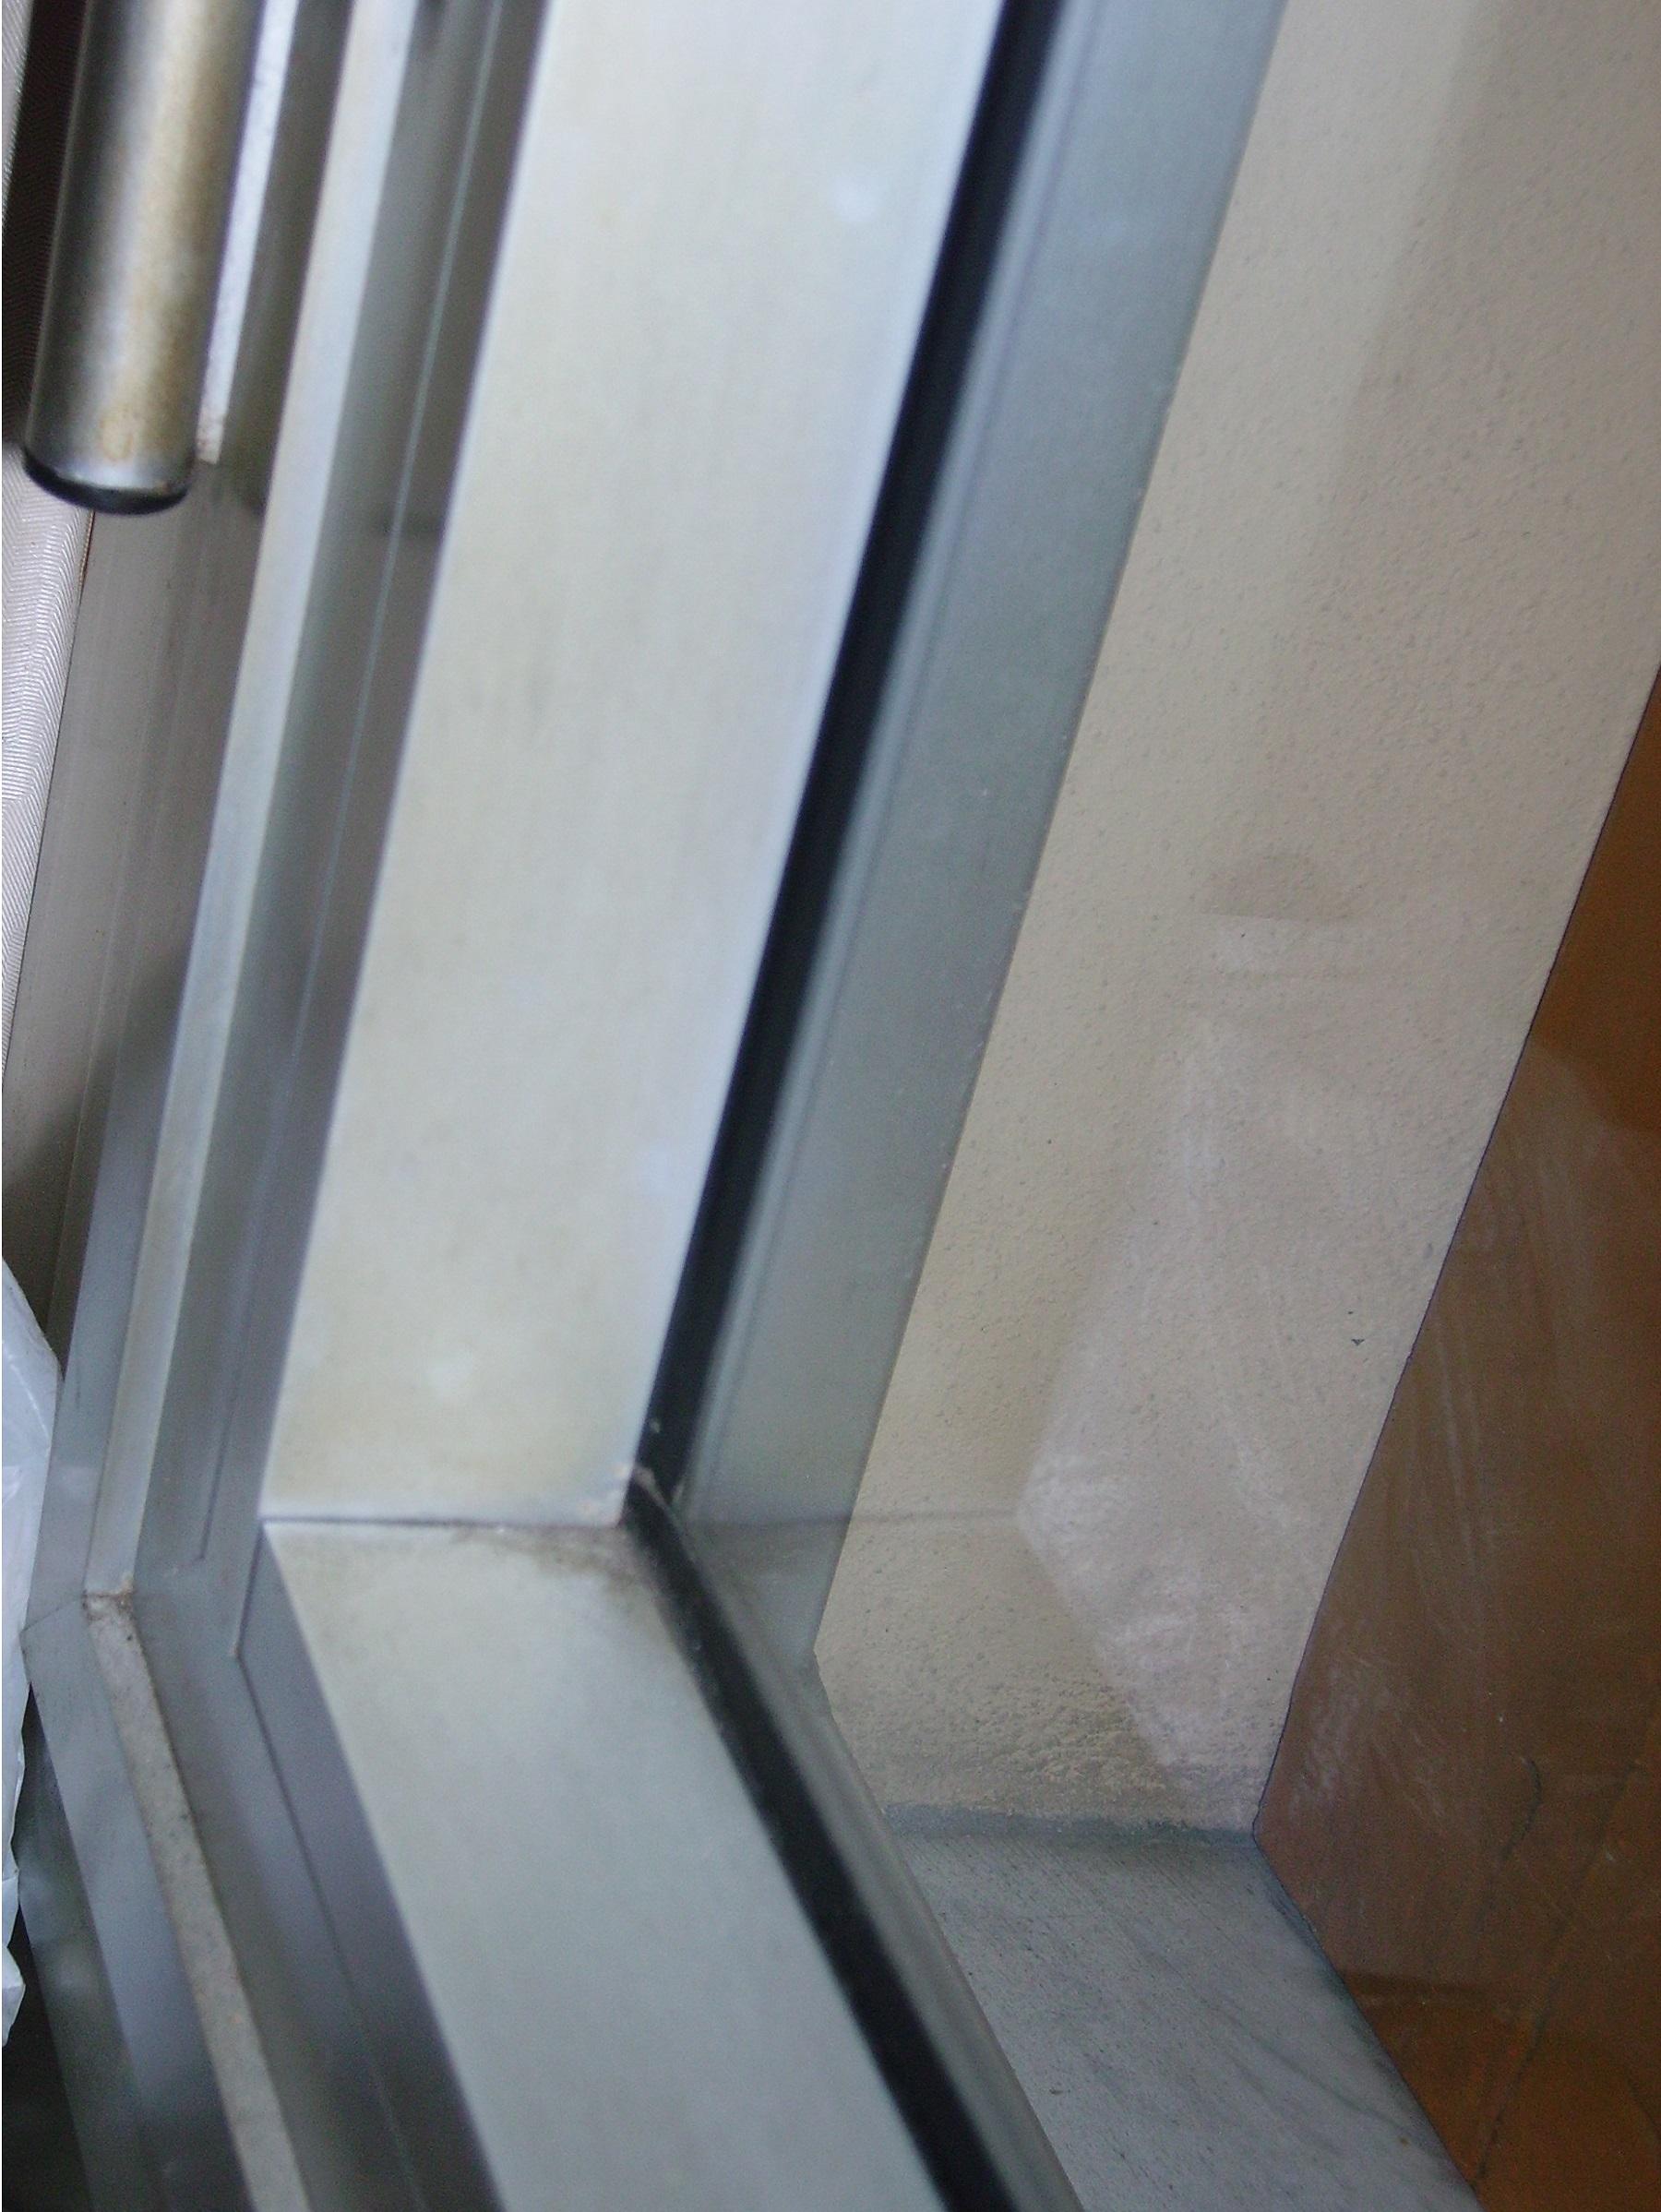 Sostituire i vetri nelle vecchie finestre infissi genova - Finestre doppi vetri ...